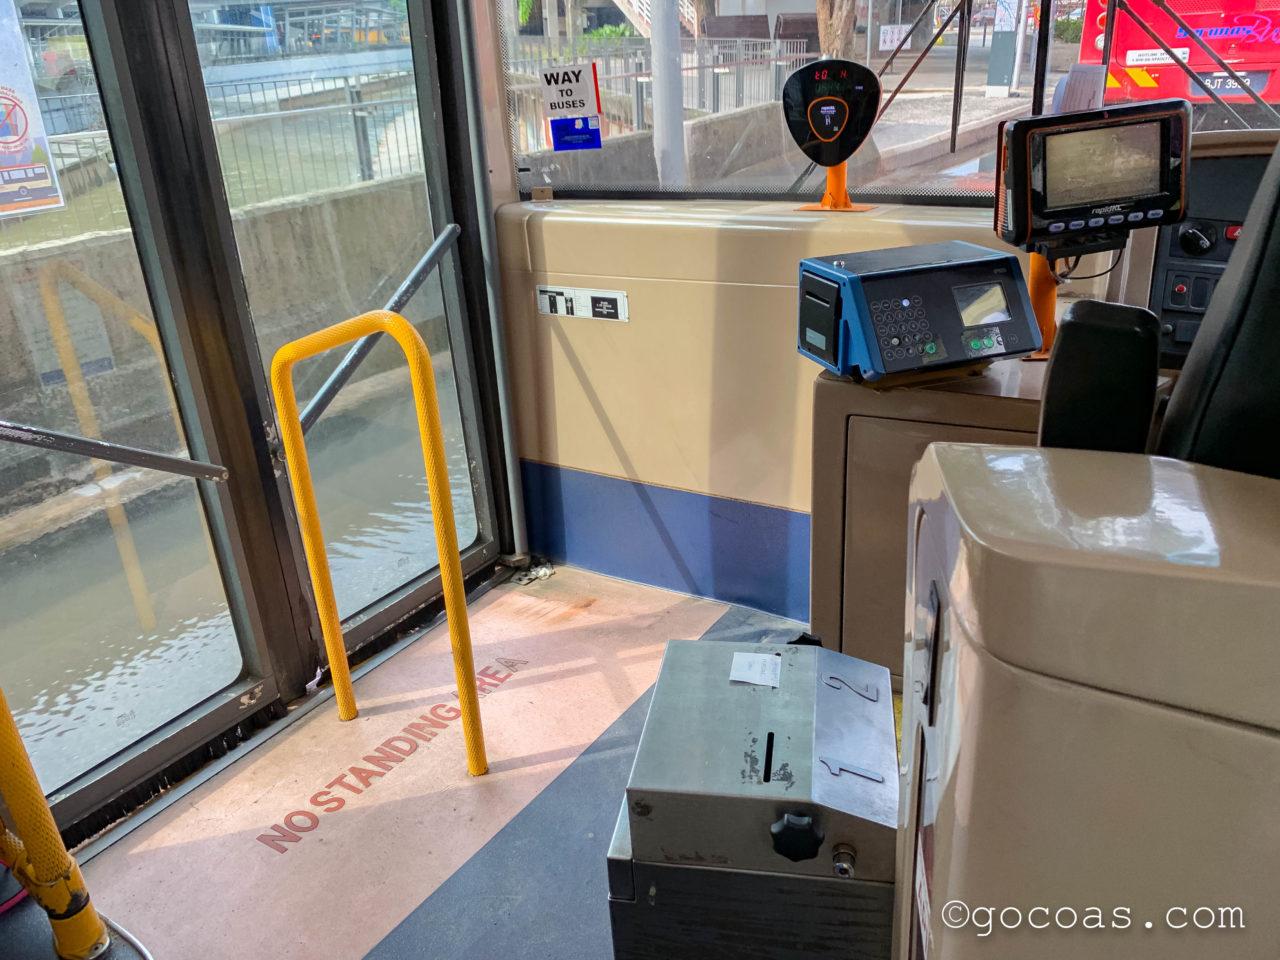 Pasar Seni Bus Hubで乗ったバス